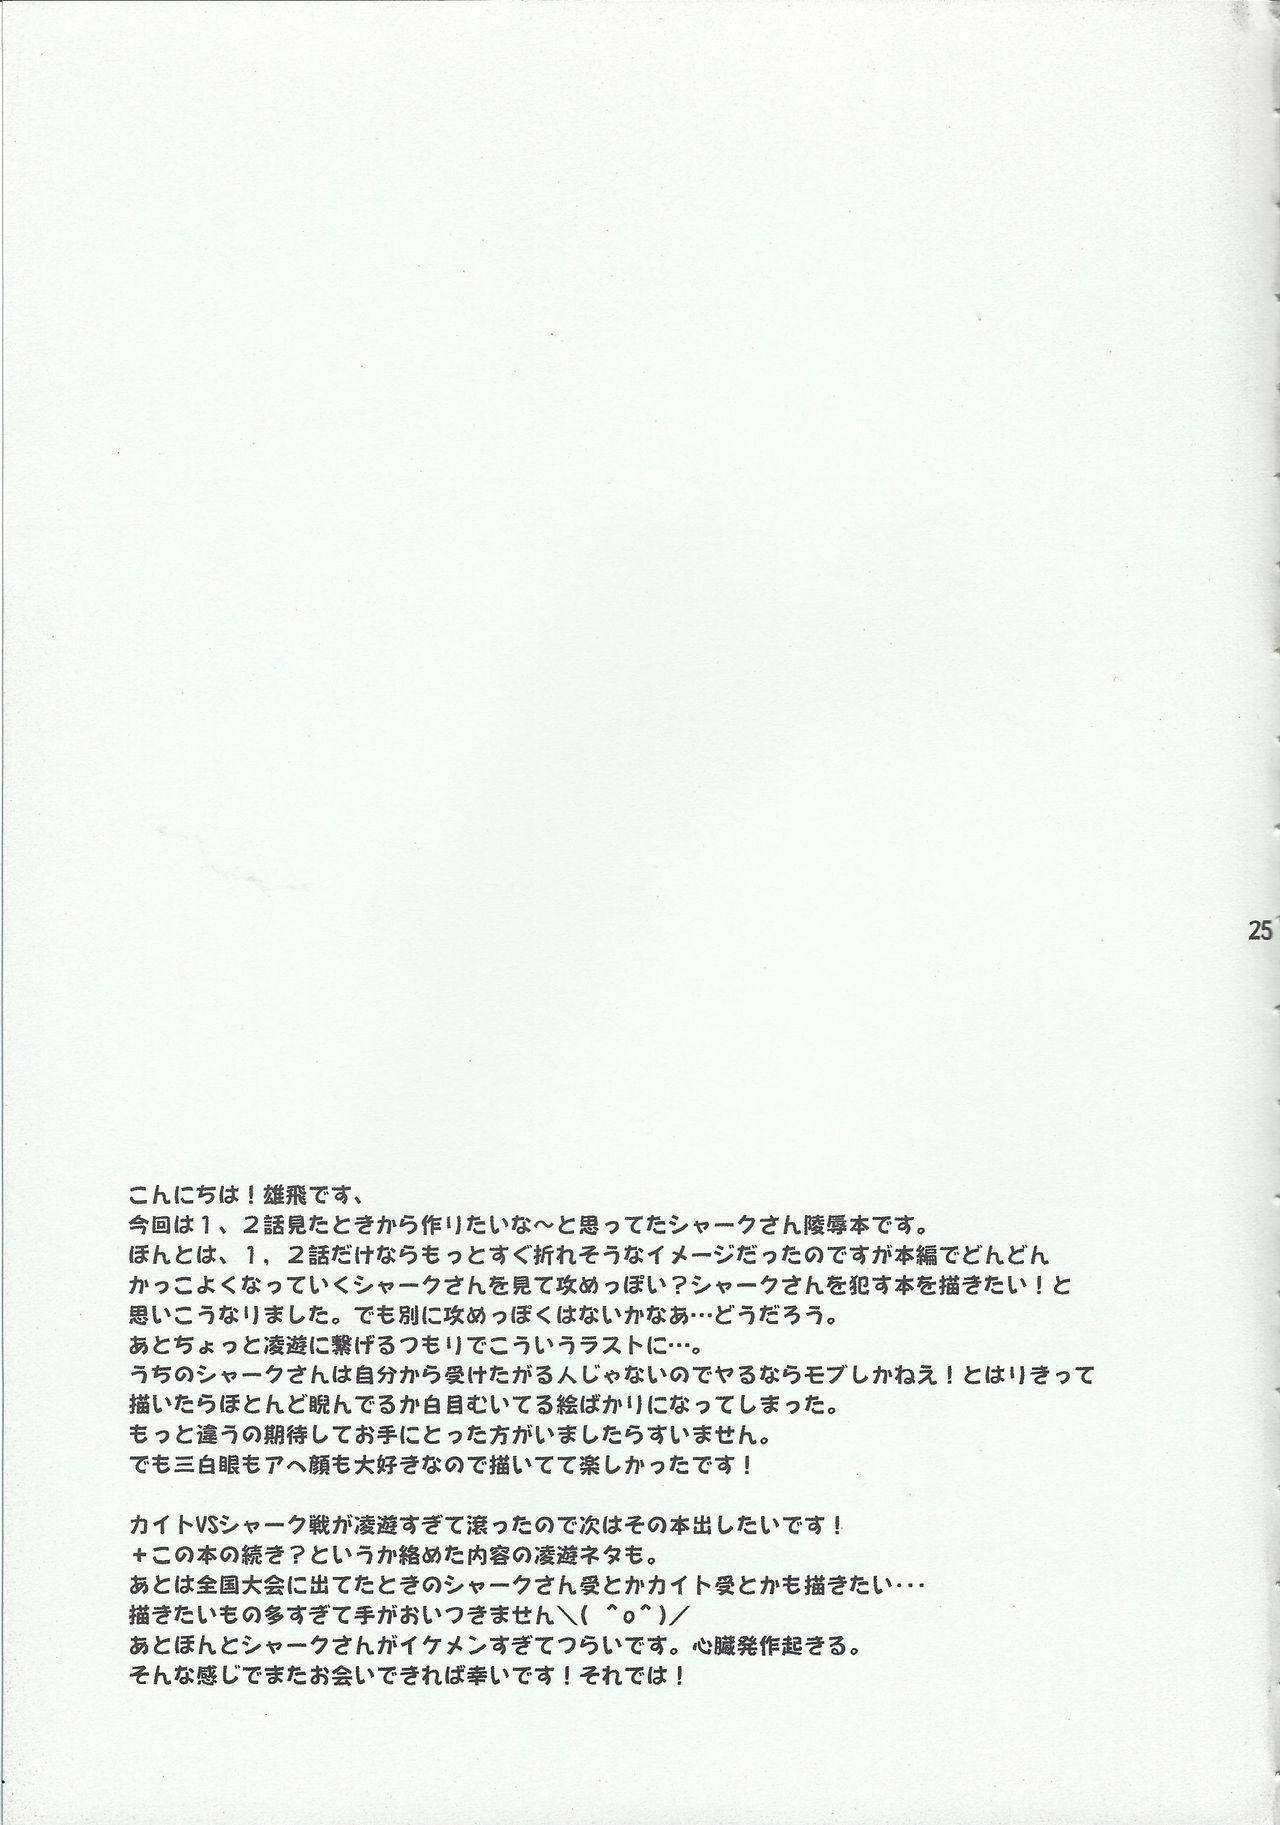 Ryoujoku 25